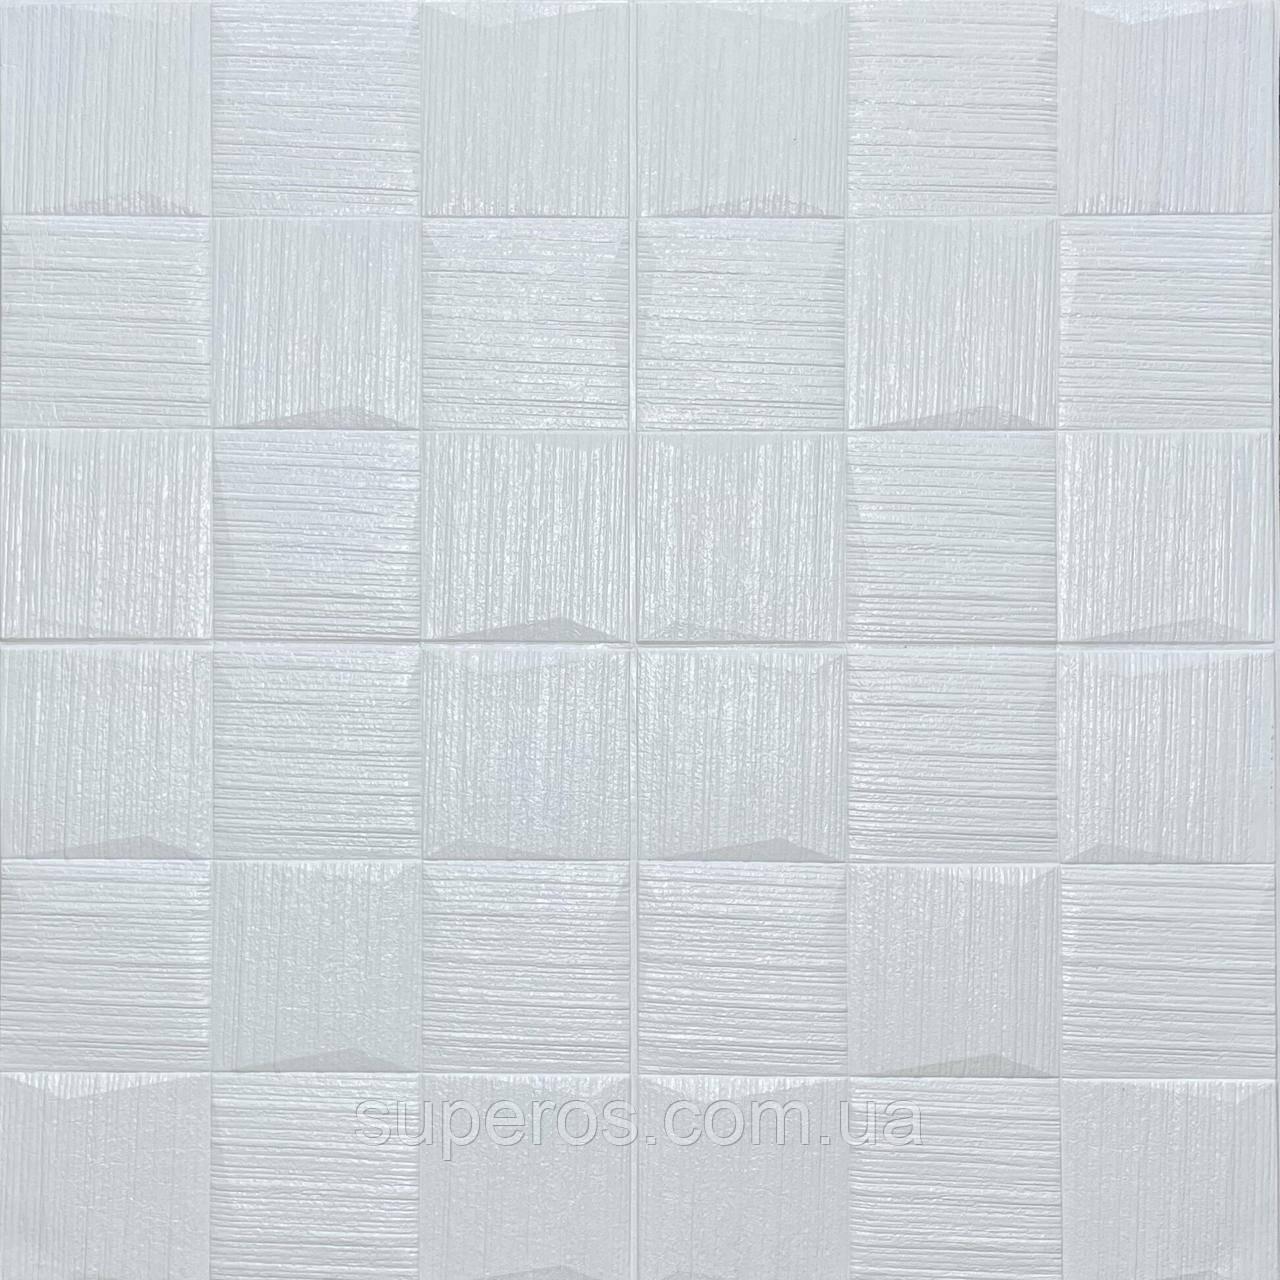 Самоклеюча декоративна потолочно-стінова 3D панель 700х700х5мм (185)